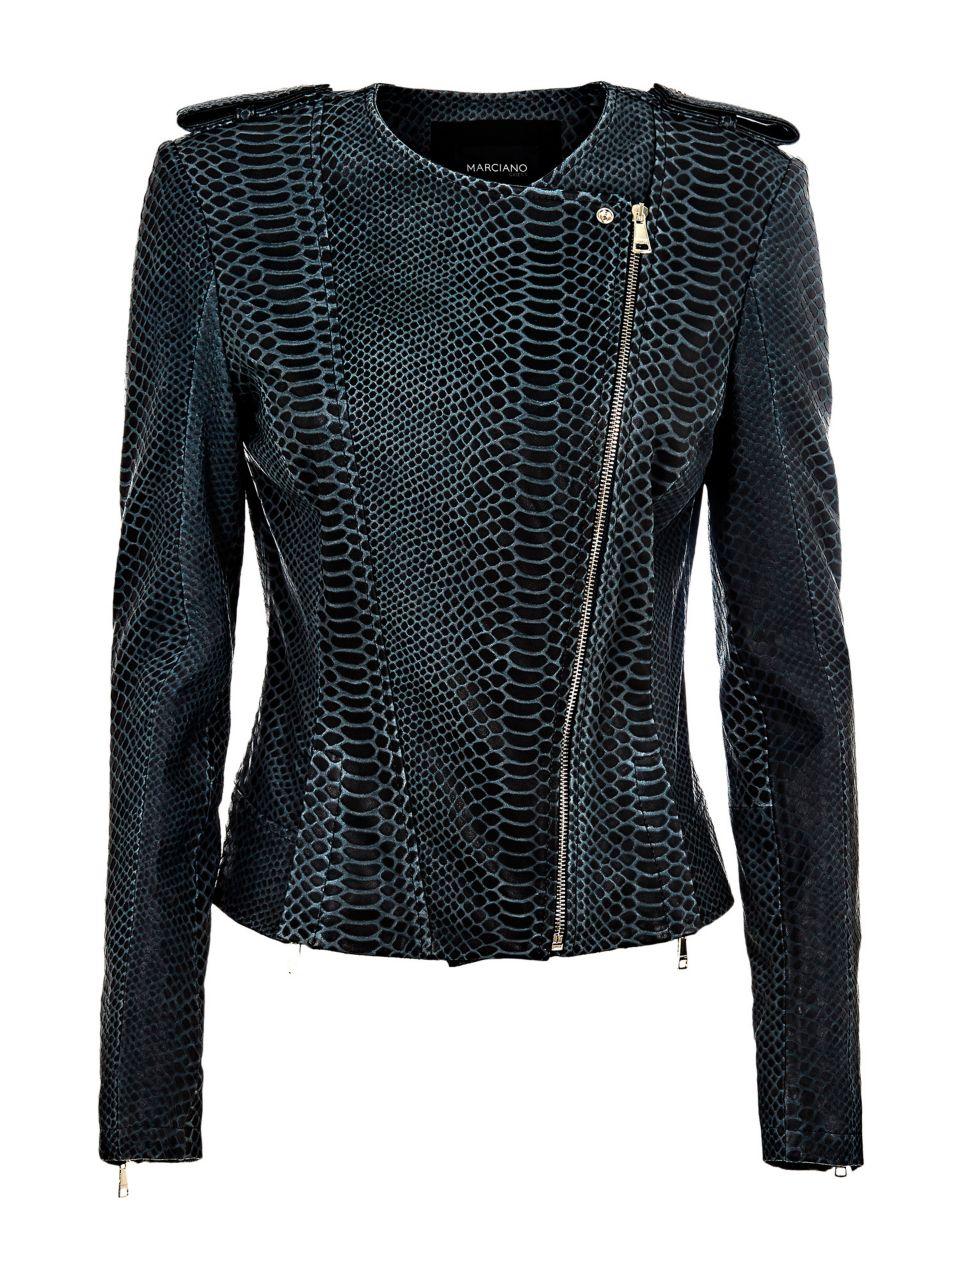 cheaper e1564 2f9e6 Moda Donna Collezione Guess autunno inverno 2016 il ...